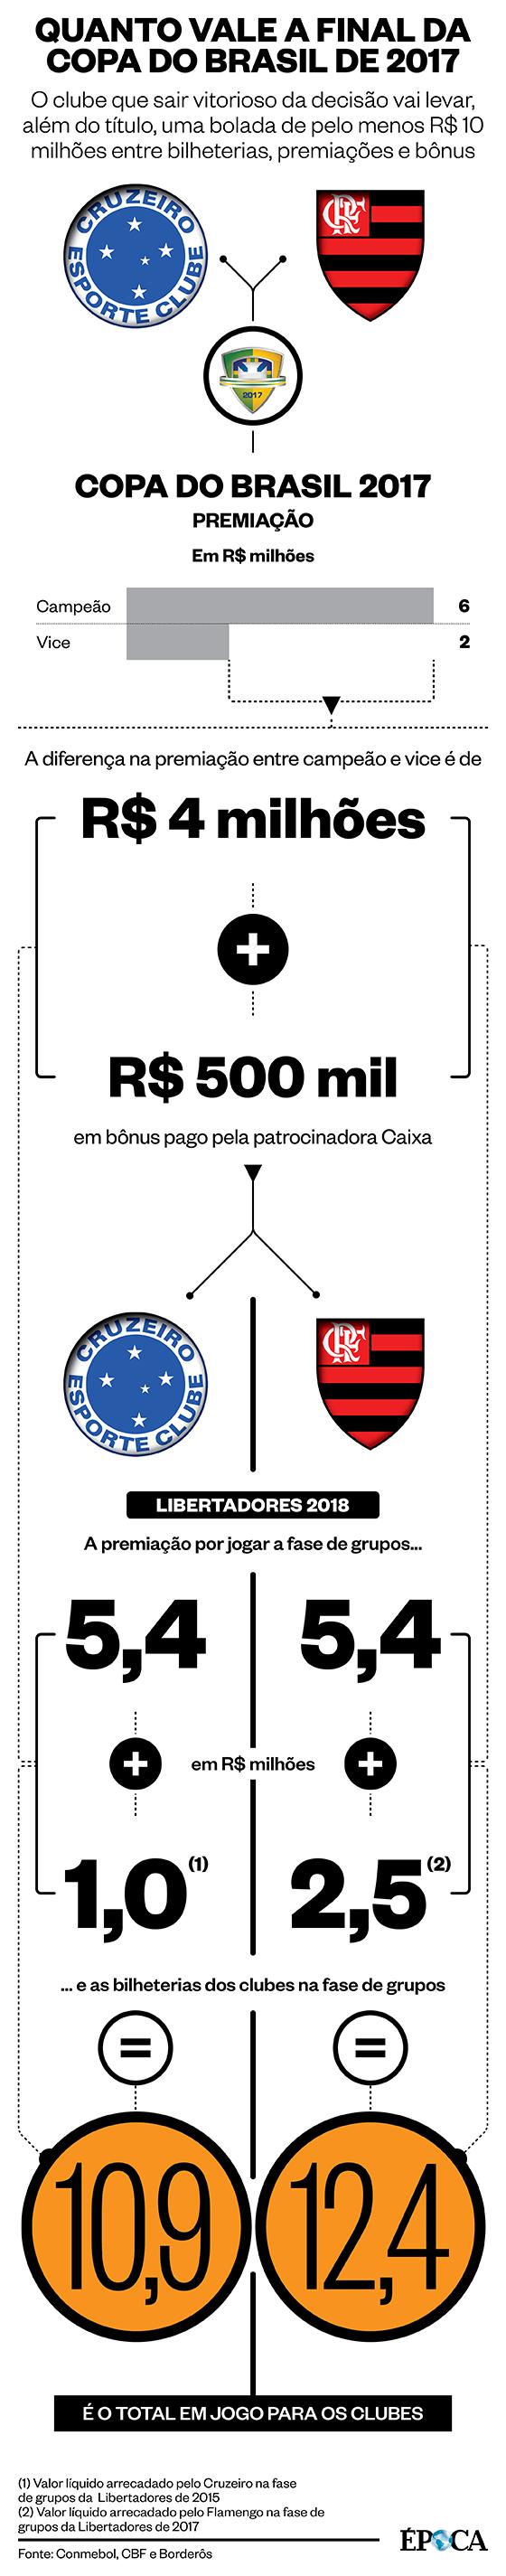 Quanto vale a final da Copa do Brasil para Cruzeiro e Flamengo (Foto: ÉPOCA)